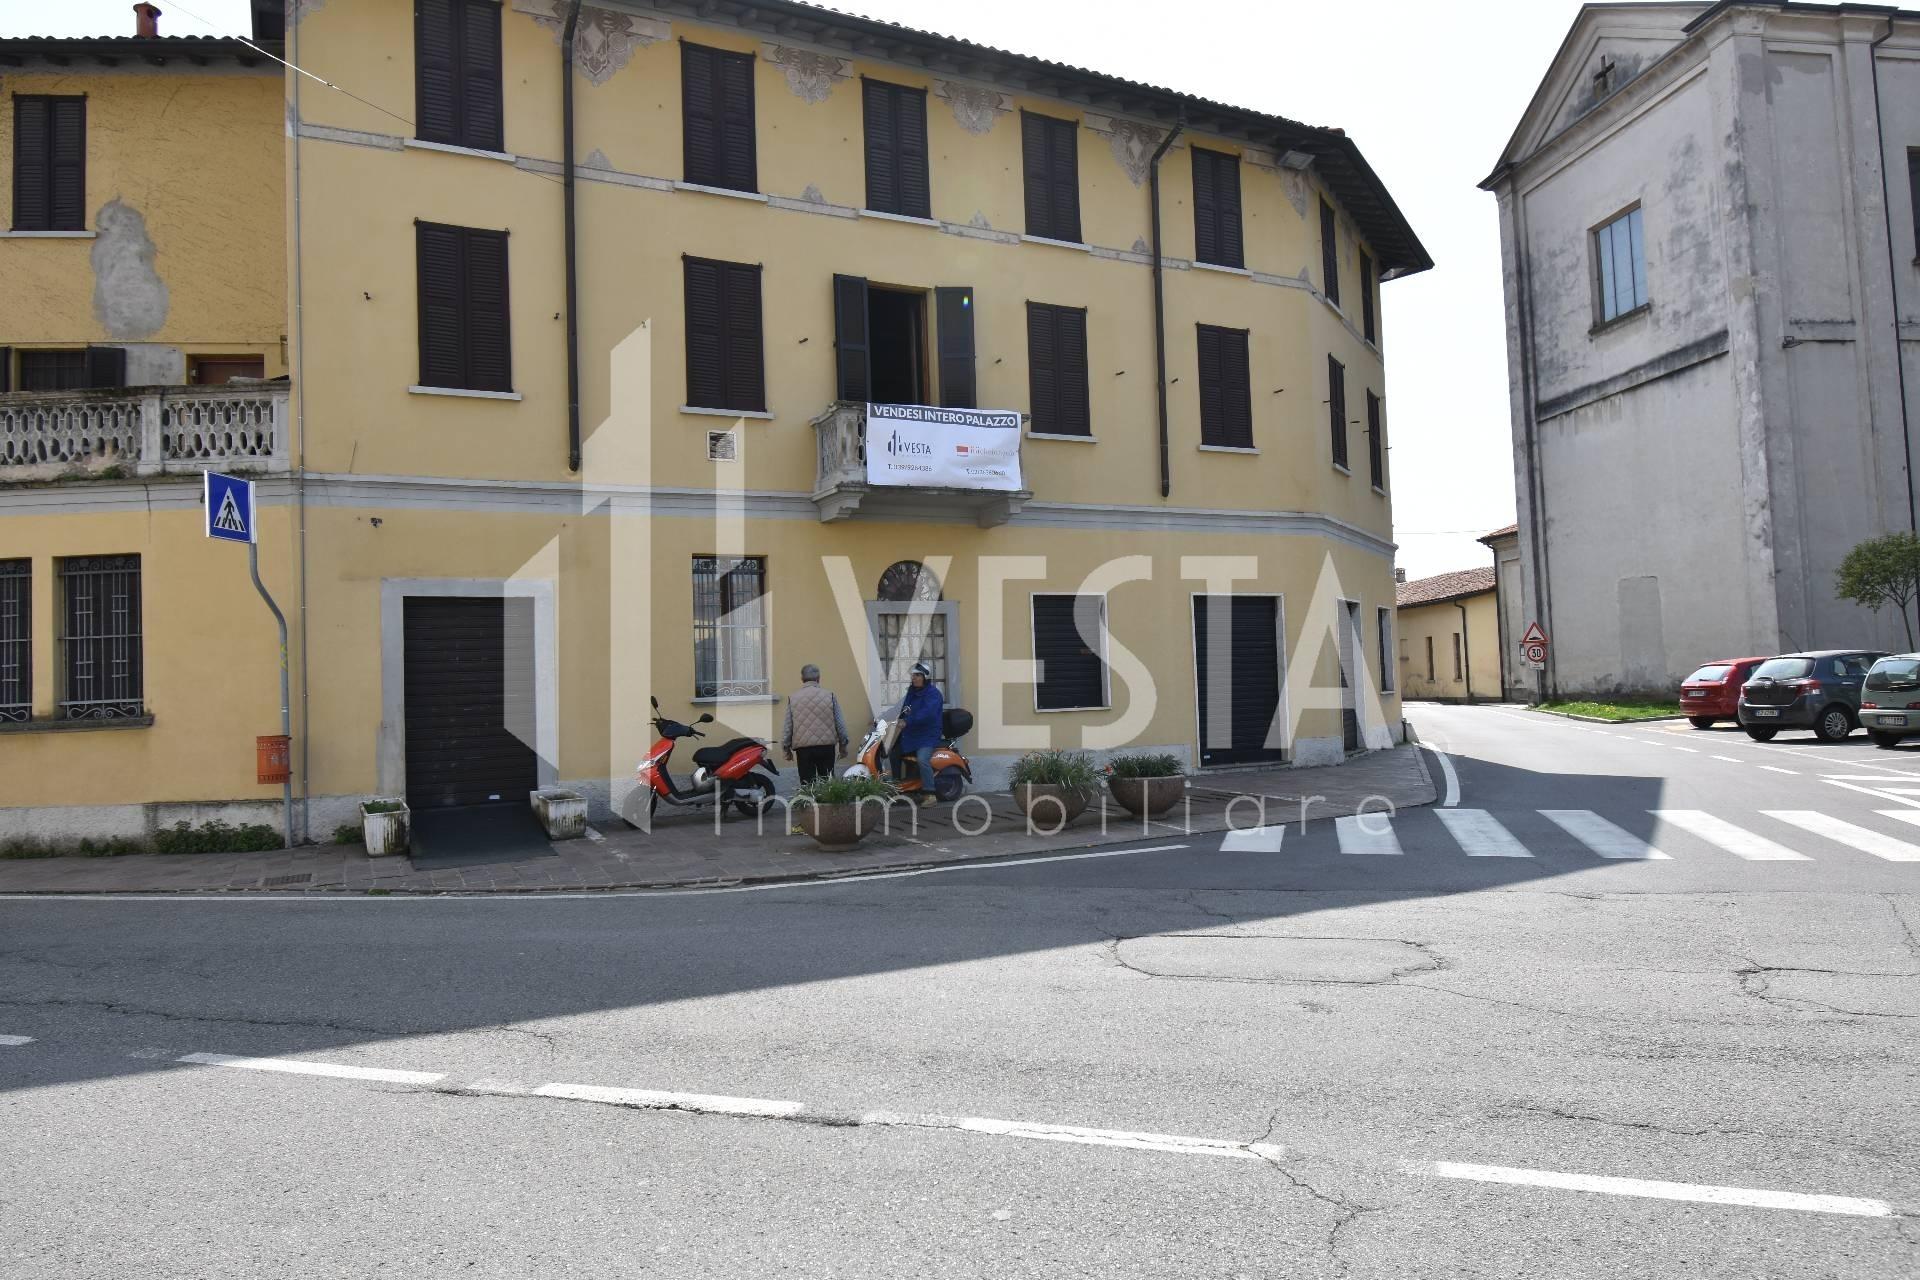 Palazzo / Stabile in vendita a Cernusco Lombardone, 10 locali, Trattative riservate | CambioCasa.it